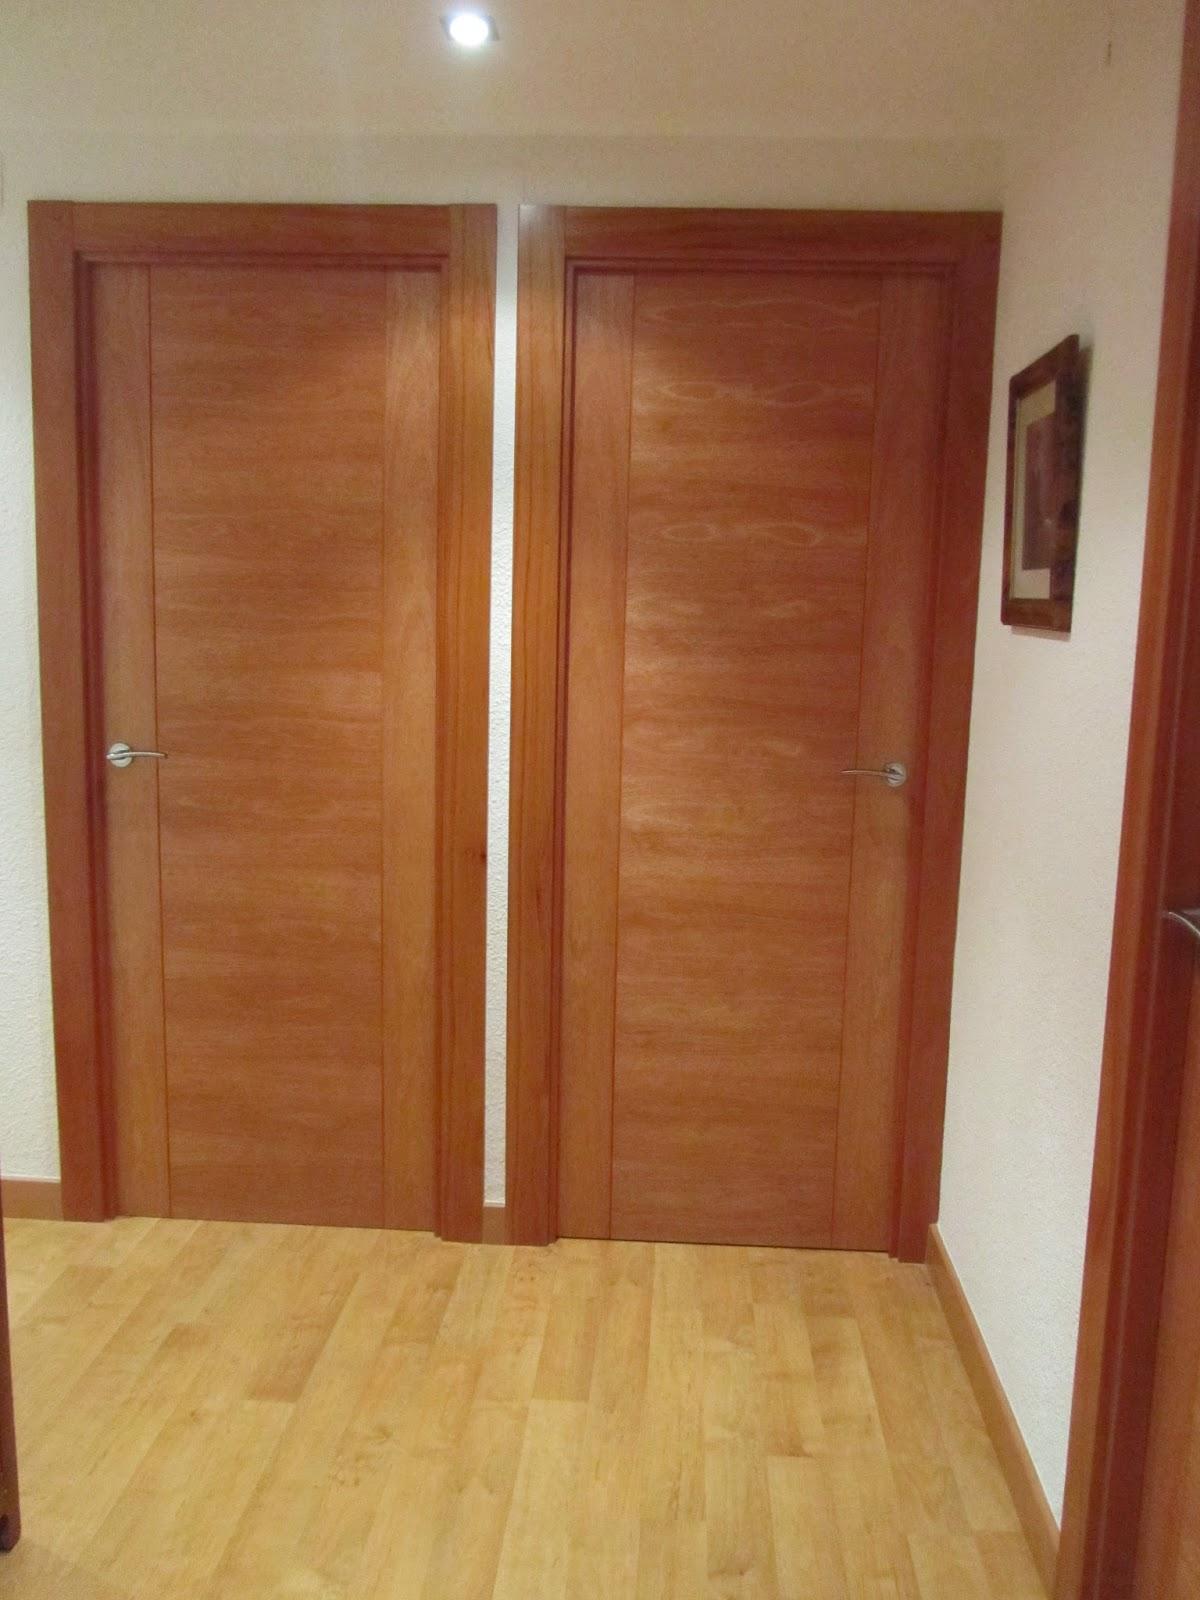 Puertas lozano reforma cambio de puertas de interior blindada y suelo laminado - Puertas piso interior ...